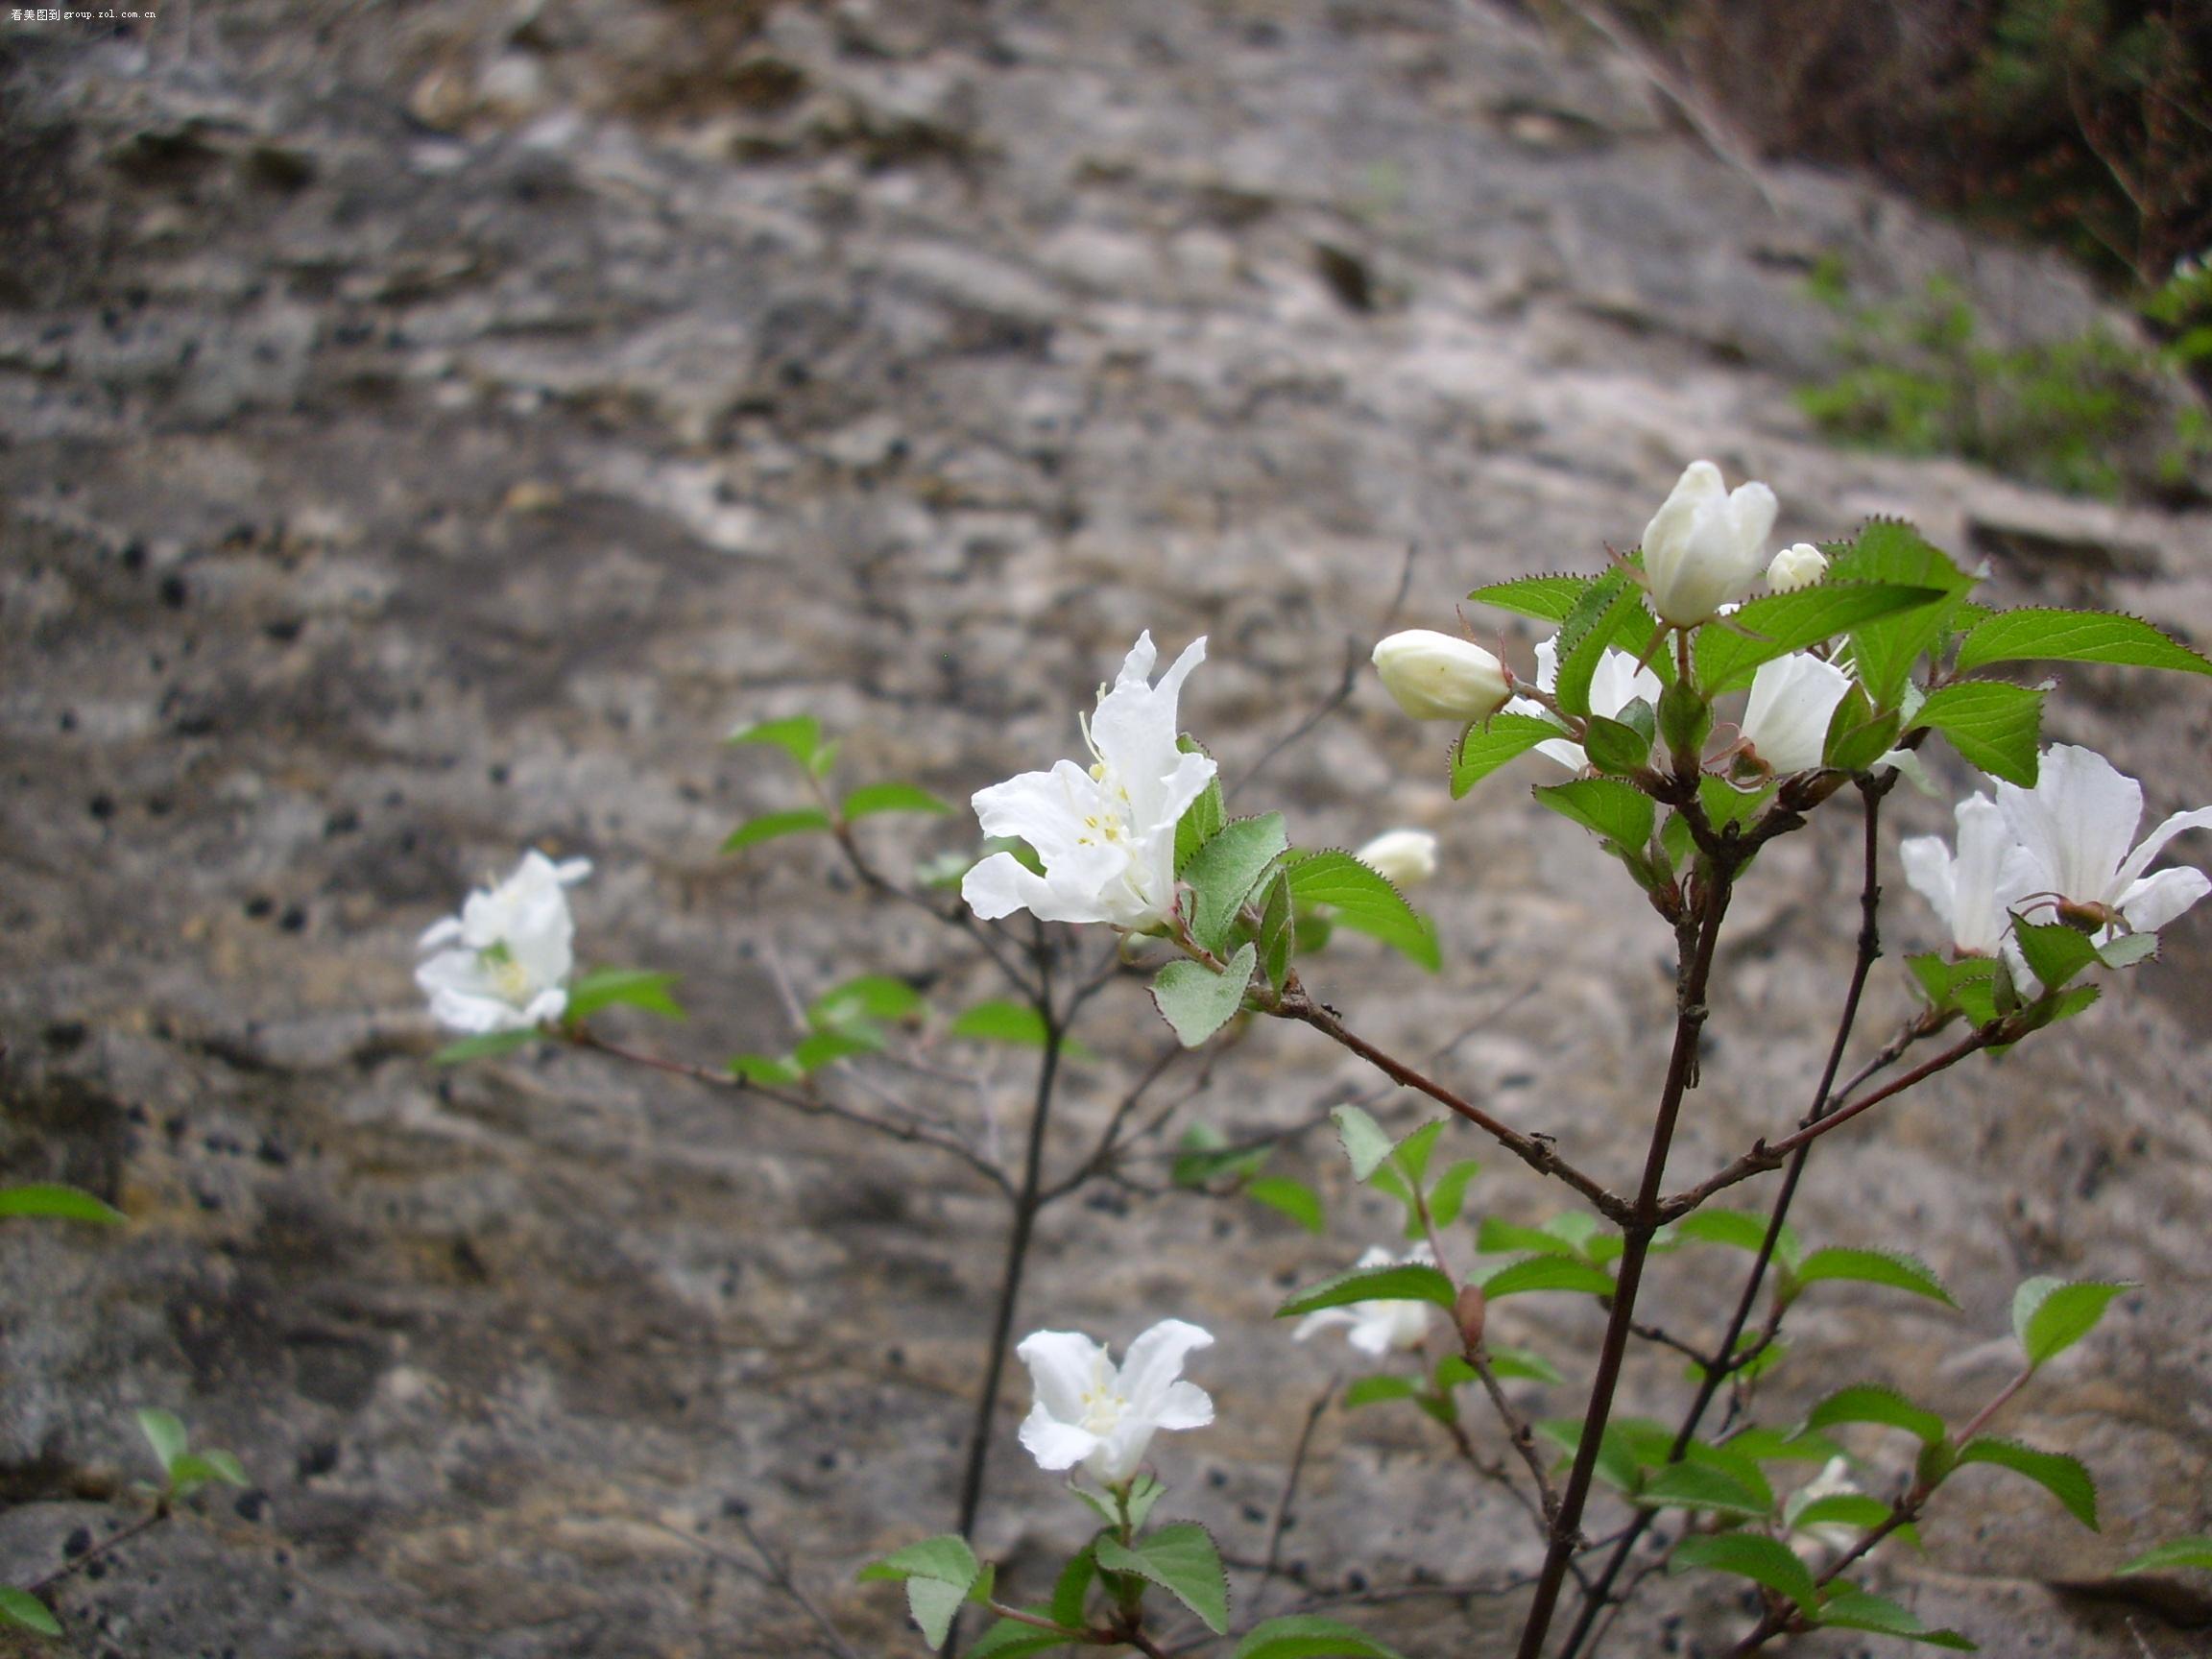 山中一种叫做四月雪的白花